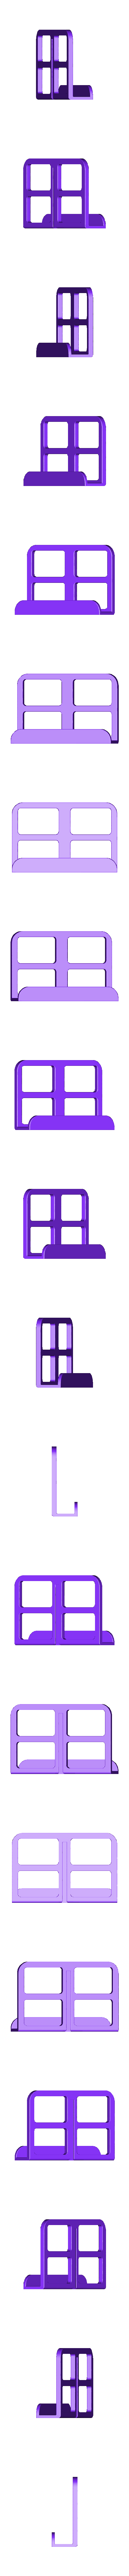 bookstand-a.stl Télécharger fichier STL gratuit Présentoir de livres • Modèle pour impression 3D, rubenzilzer